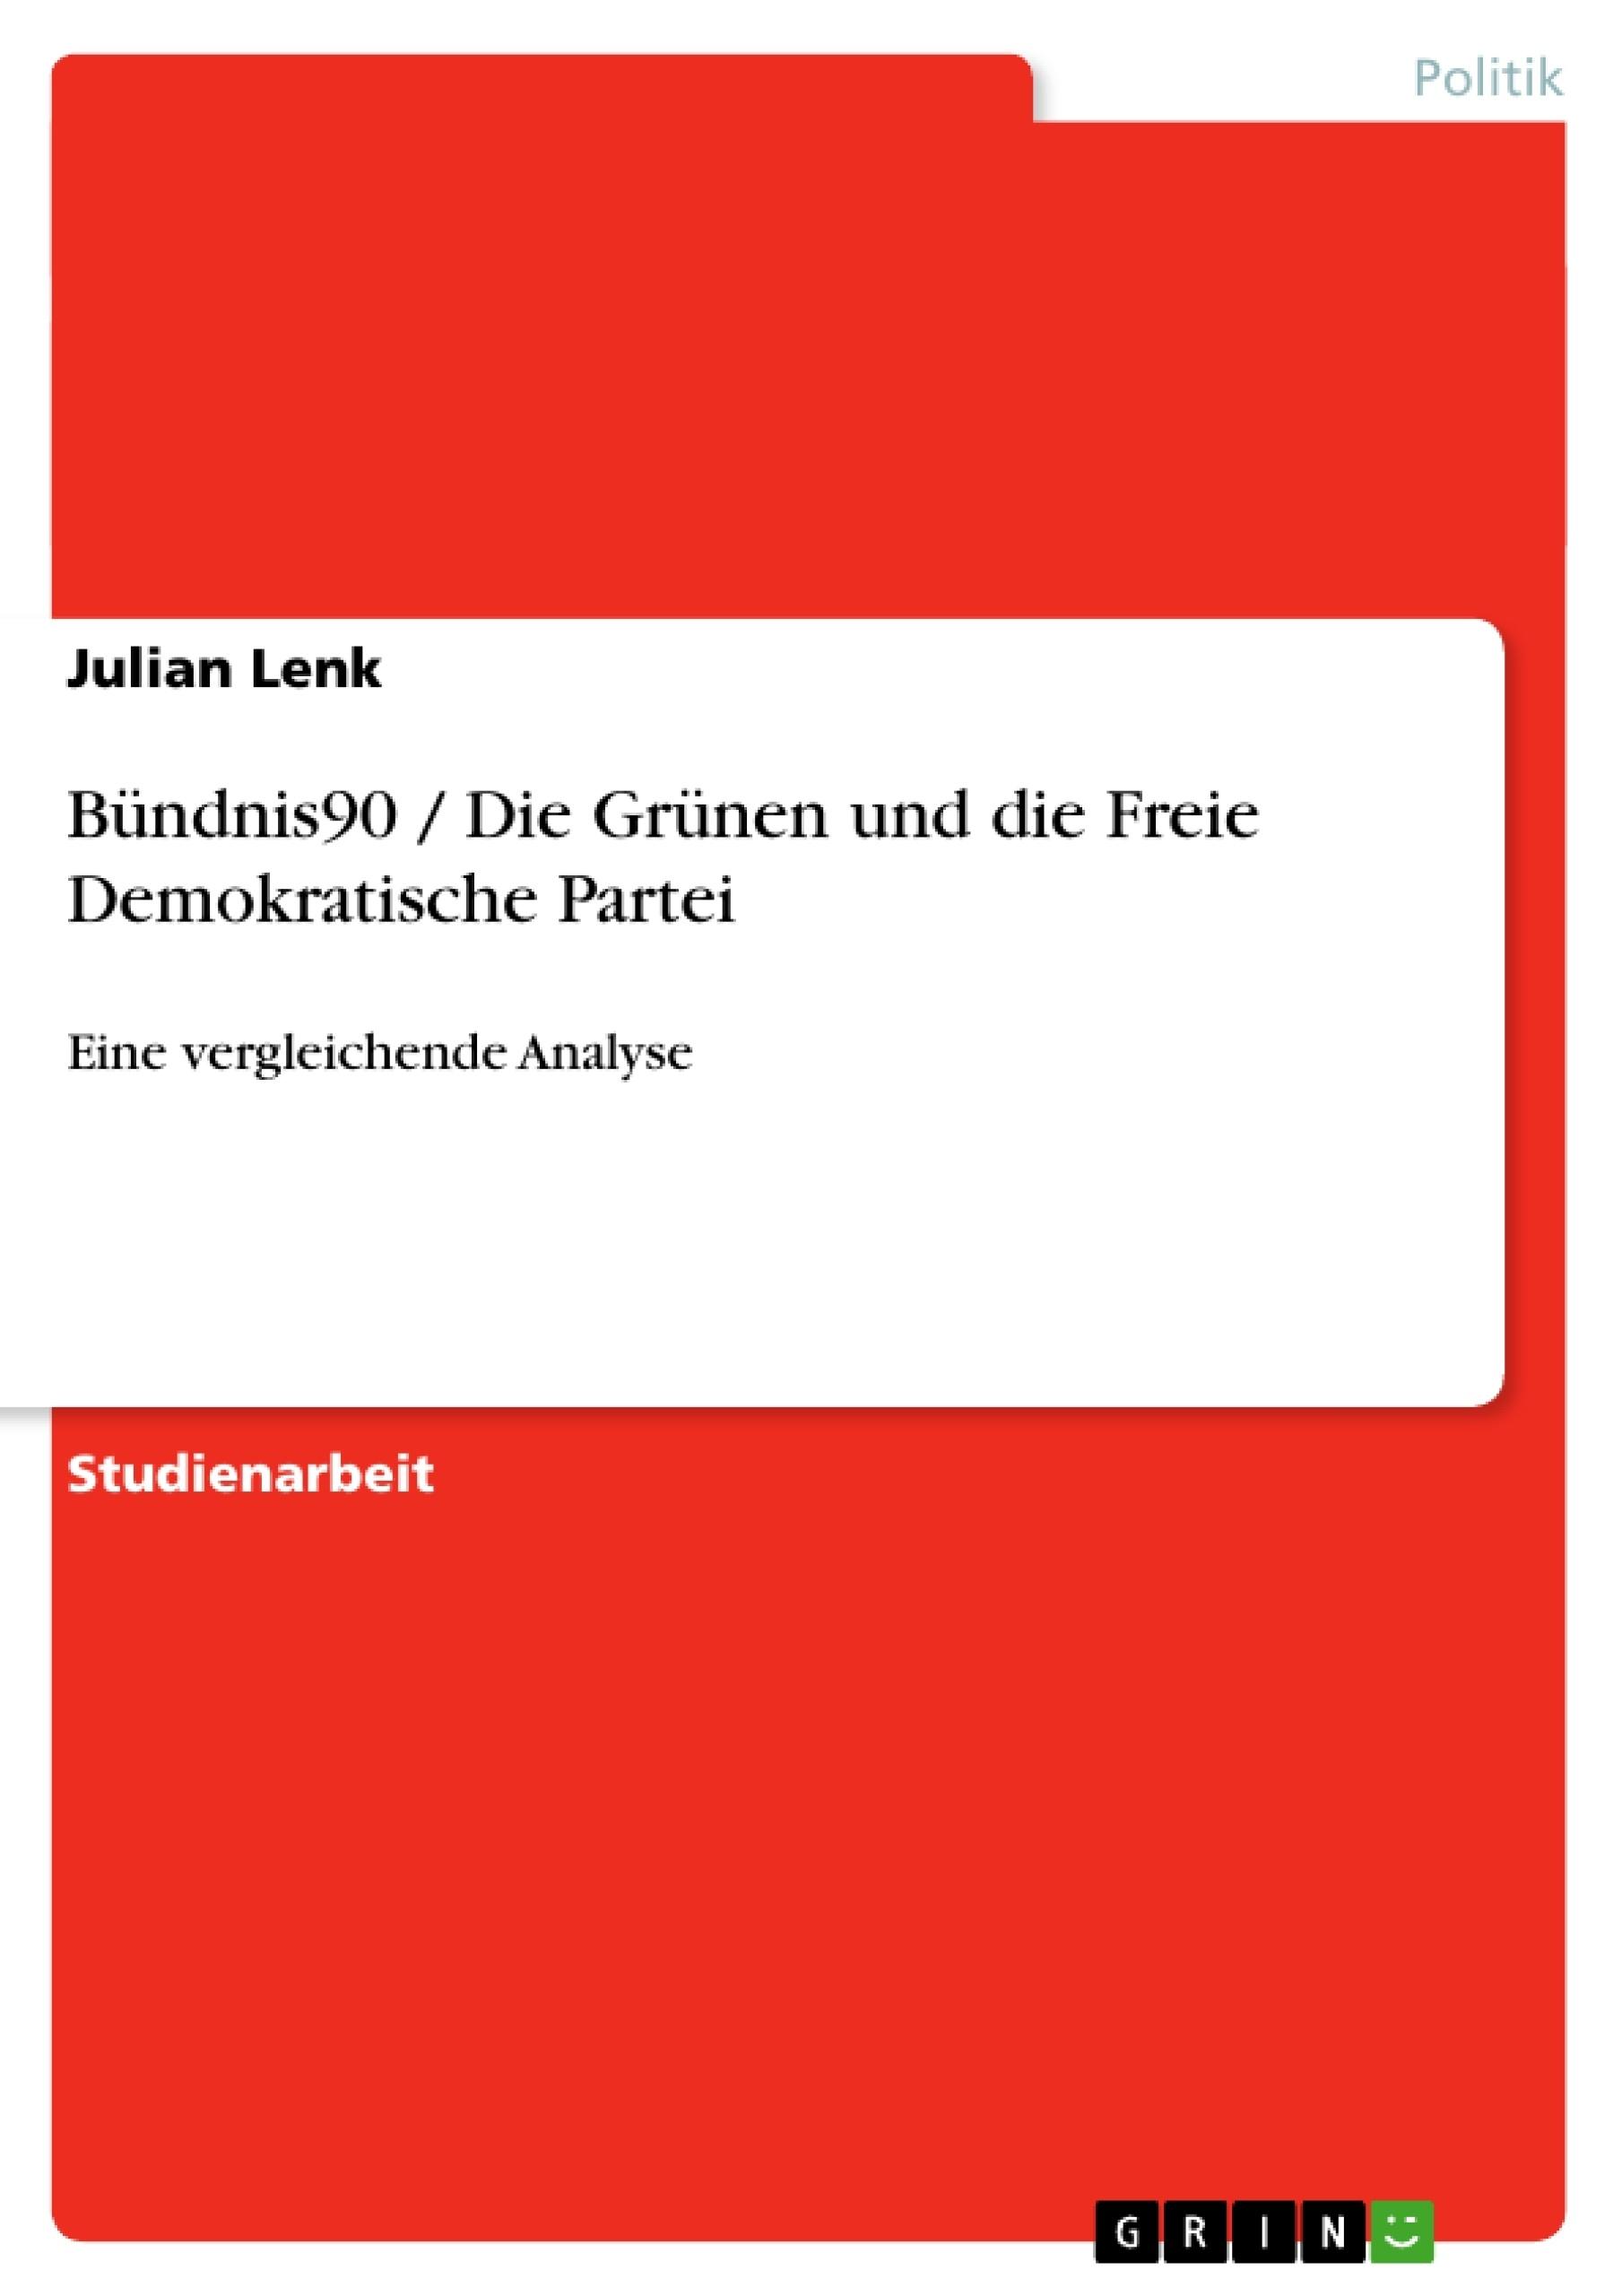 Titel: Bündnis90 / Die Grünen und die Freie Demokratische Partei